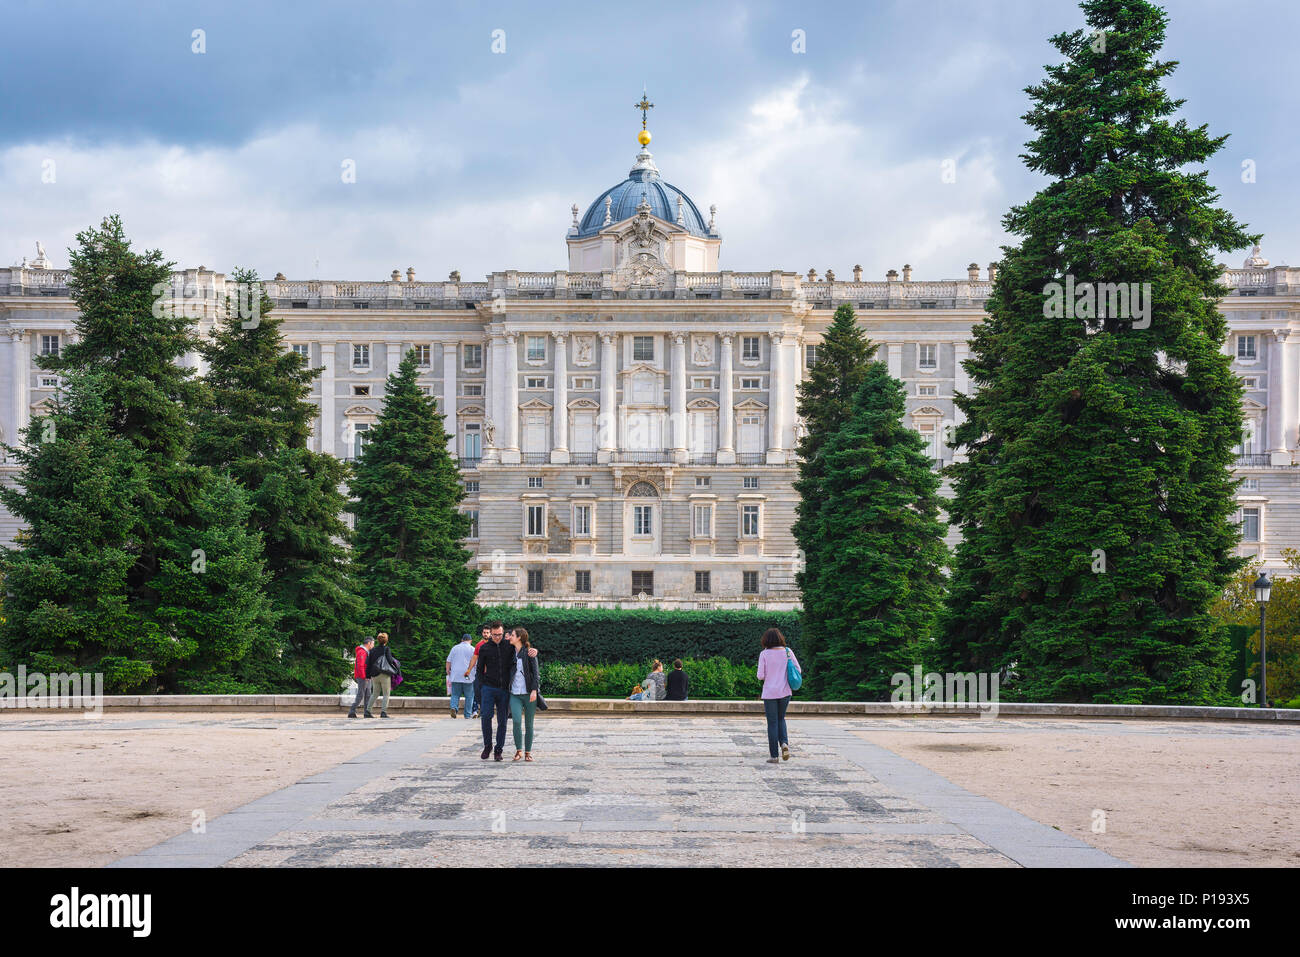 Vista De La Cara Norte Del Palacio Real El Palacio Real En